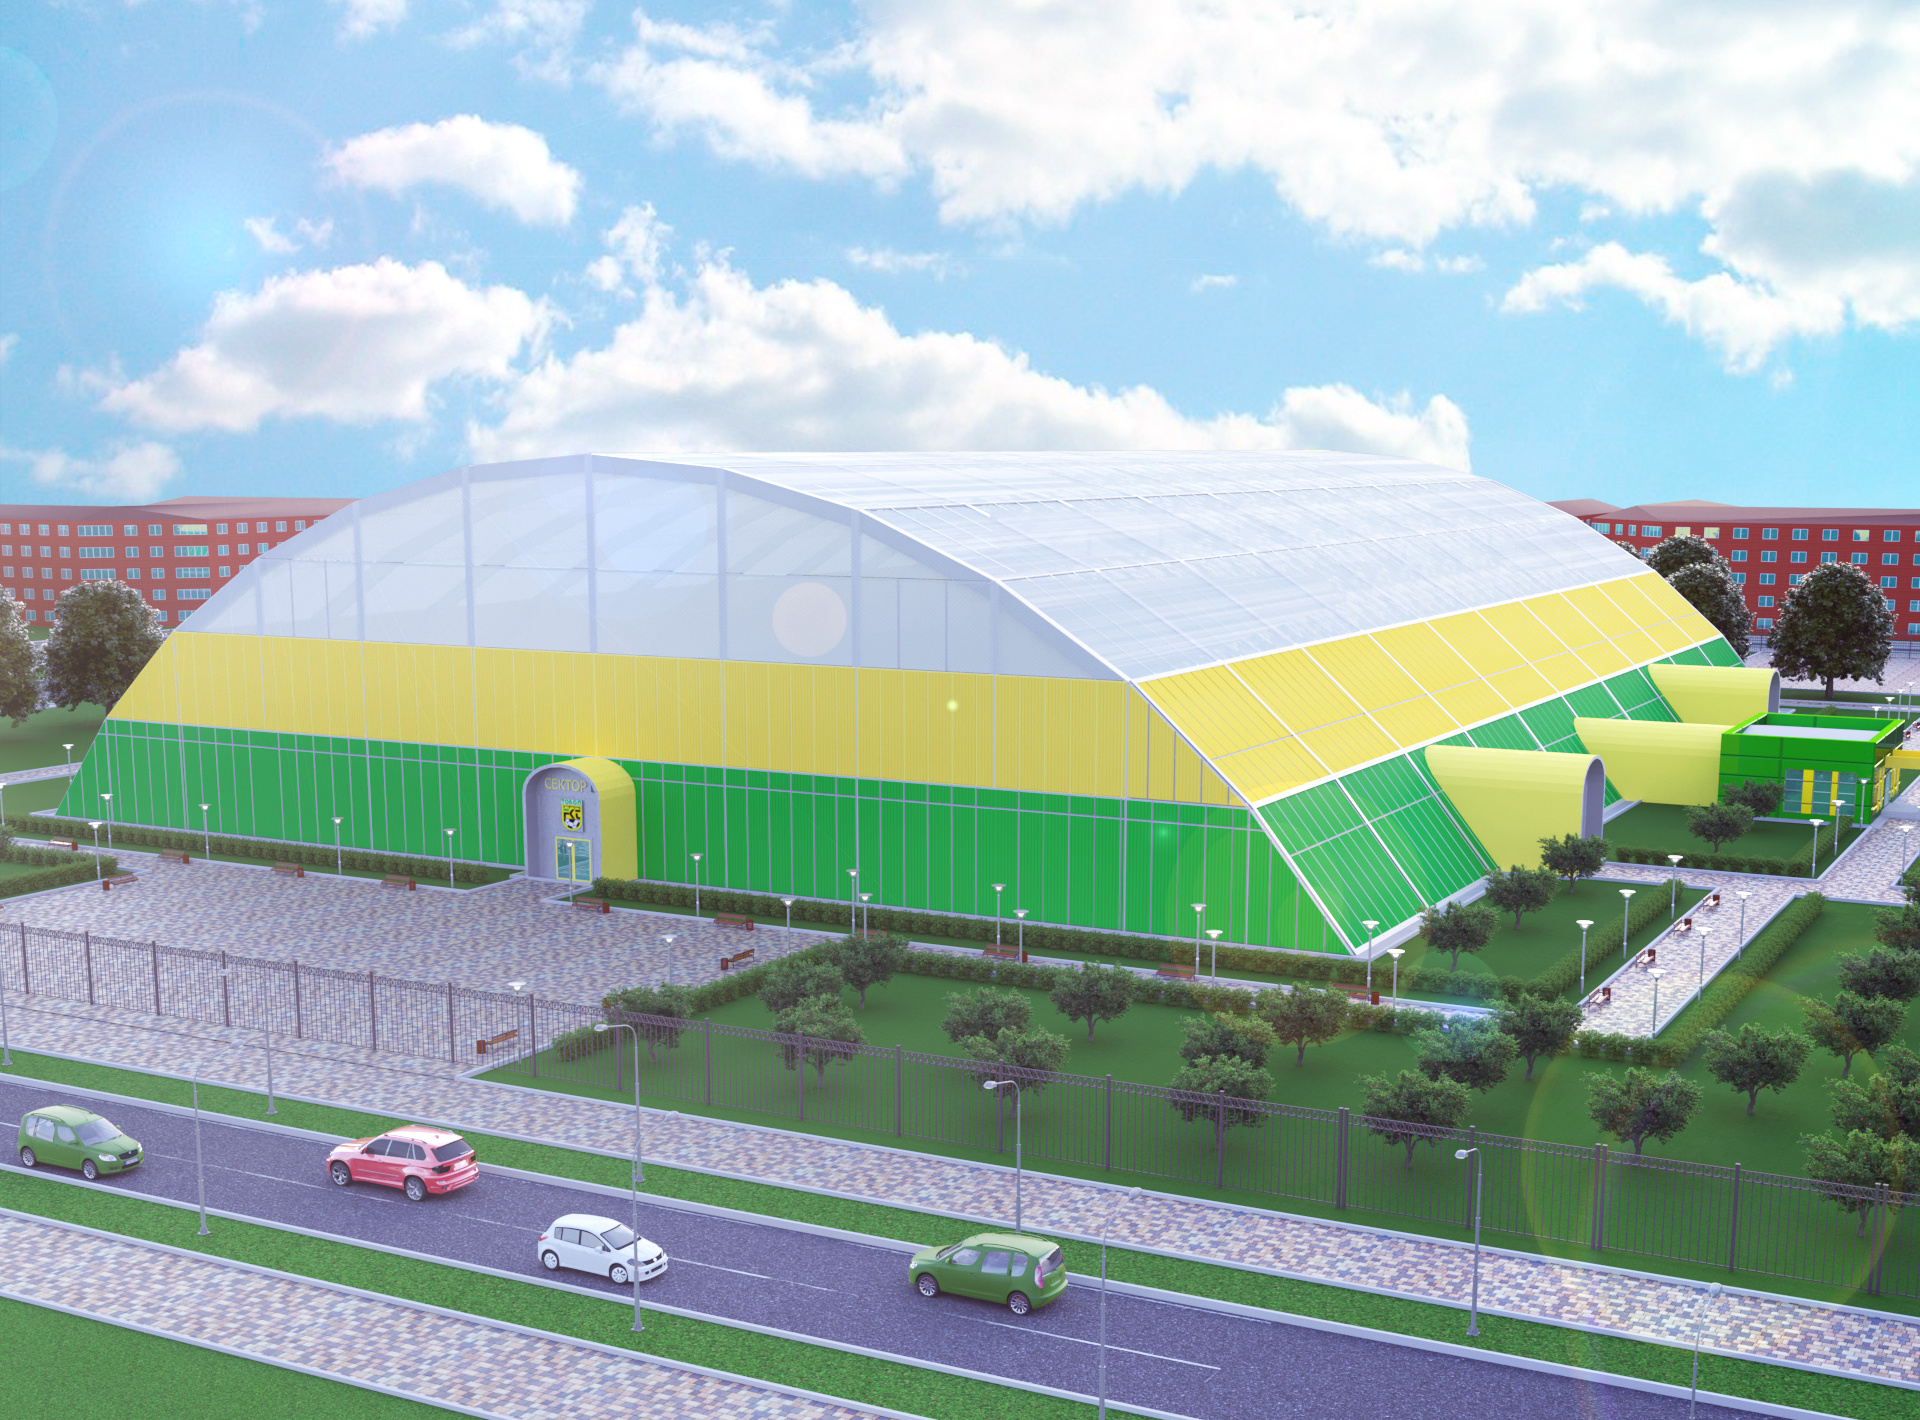 Новая футбольная арена в Костанае обошлась в 4 миллиарда тенге